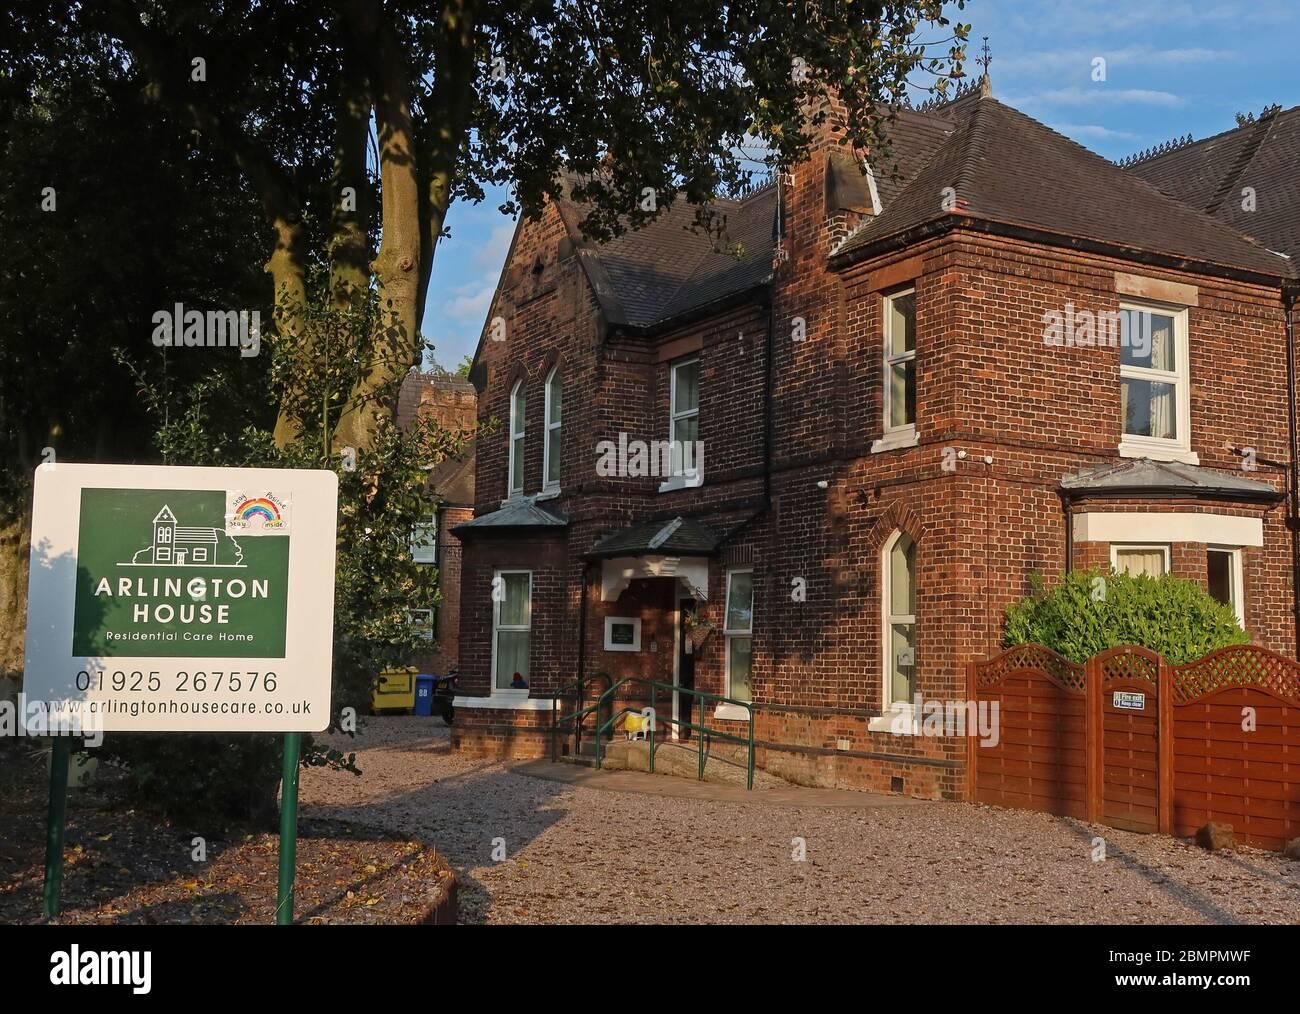 GoTonySmith,Hotpixuk,@Hotpixuk,Covid19,Warrington,Cheshire,England,UK,Ackers lane,entrance,front,Arlington Lodge,care,support